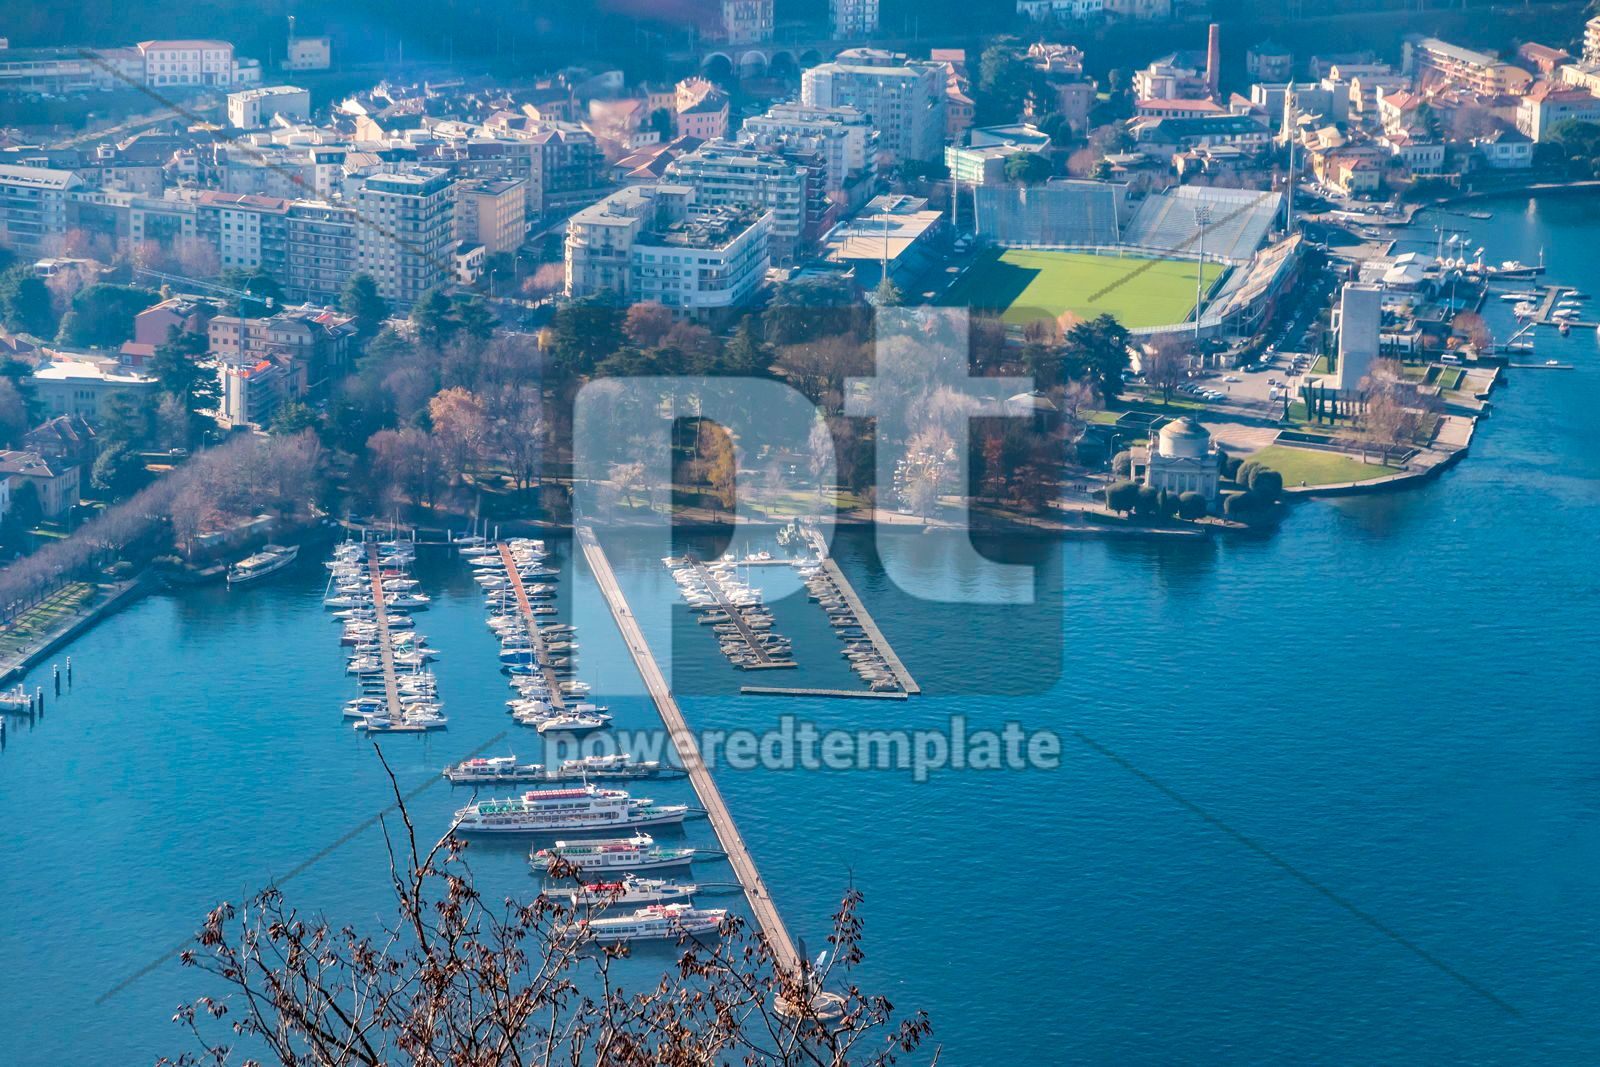 Aerial view of City of Como on Lake Como Italy, 16476, Architecture  — PoweredTemplate.com